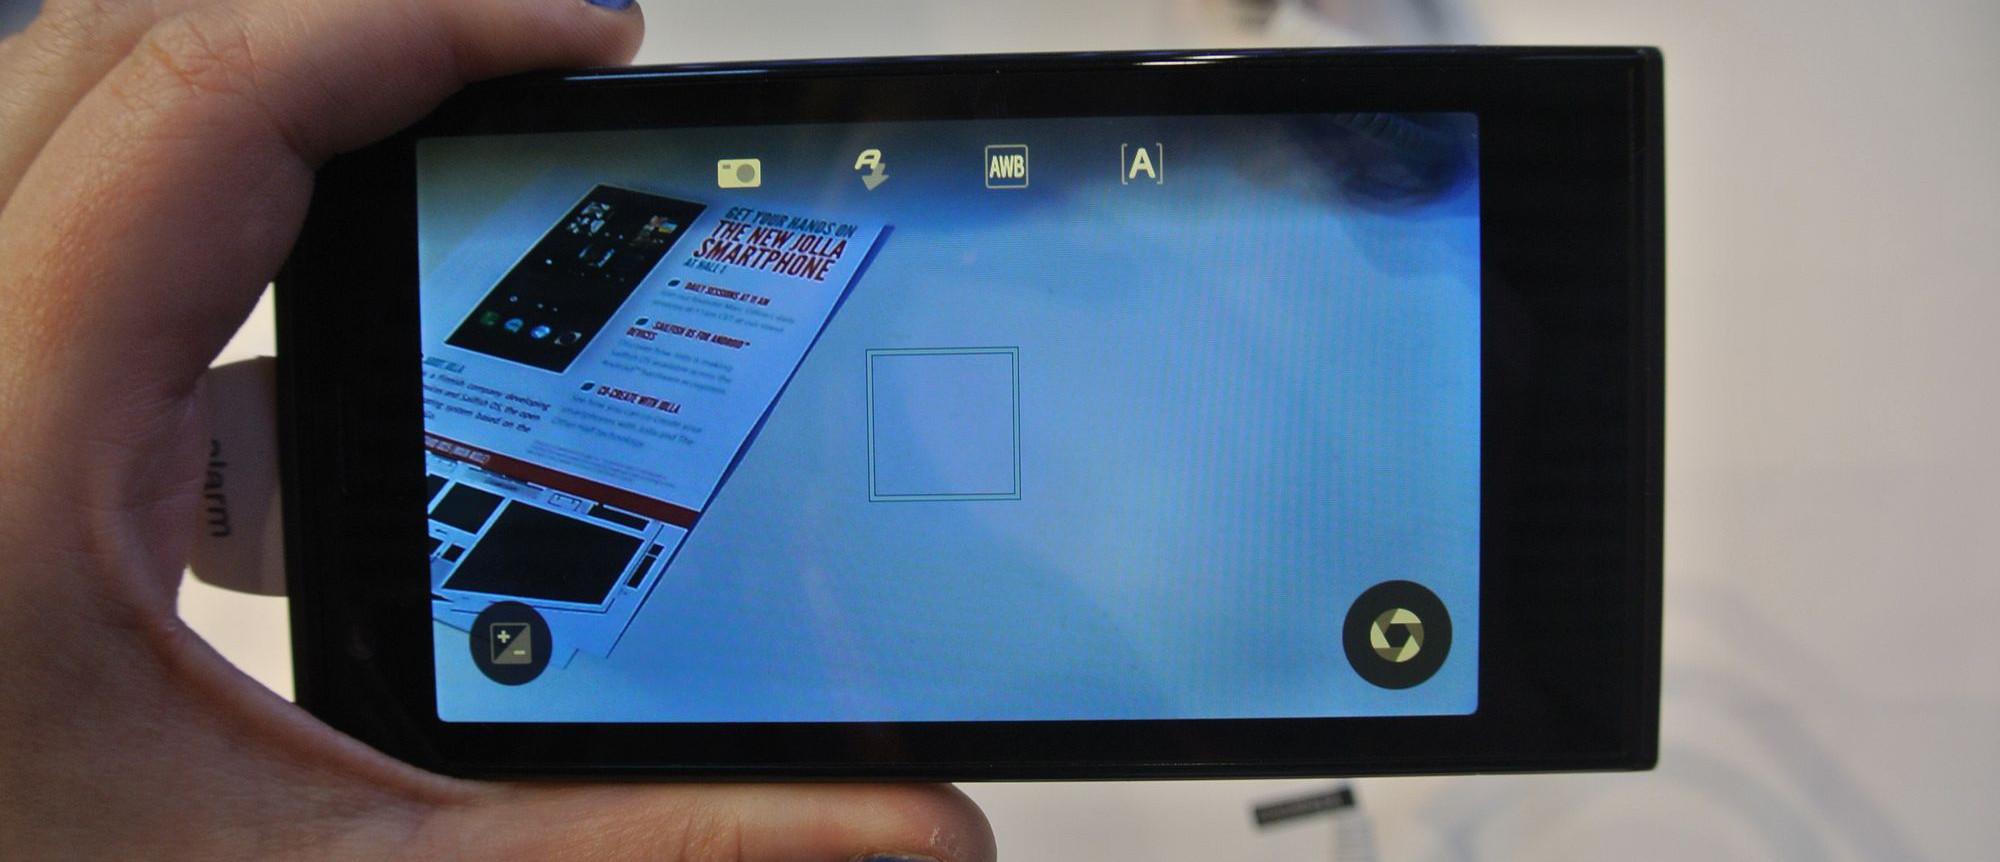 MWC 2014: Sailfish OS to najpiękniejszy system mobilny, jaki widziałam